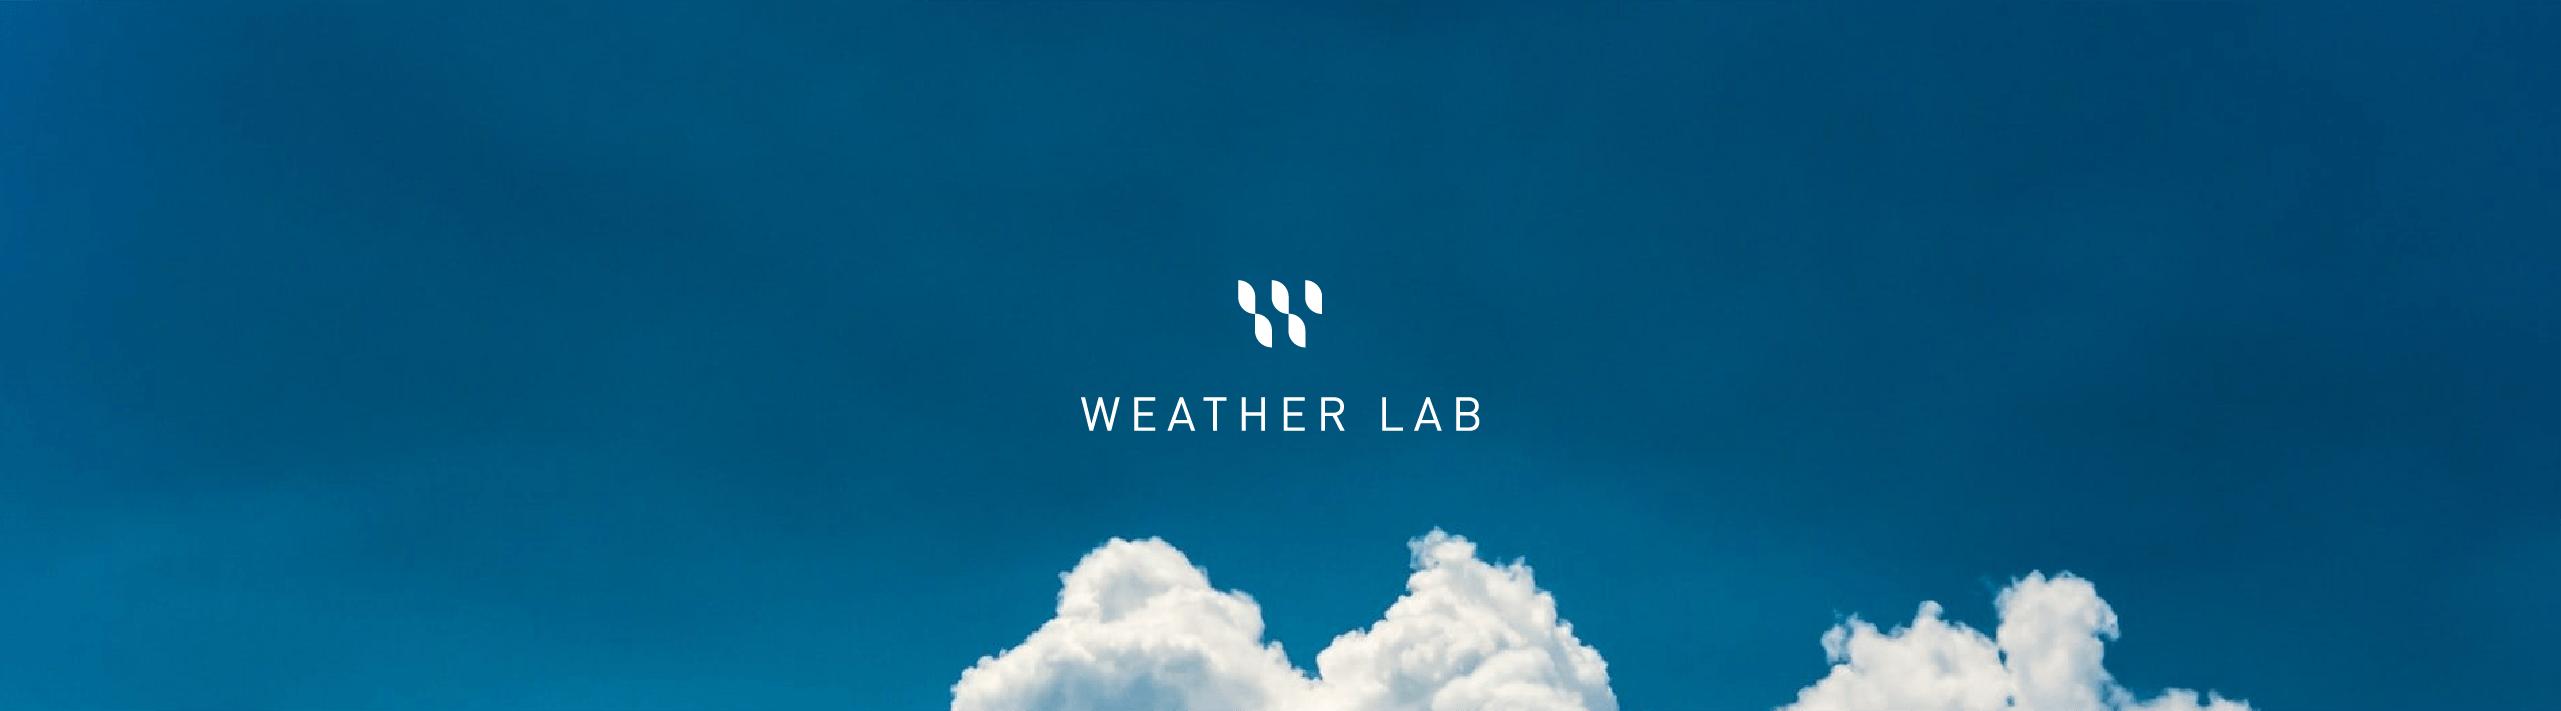 Weather Lab - 01 - Natie Branding Agency